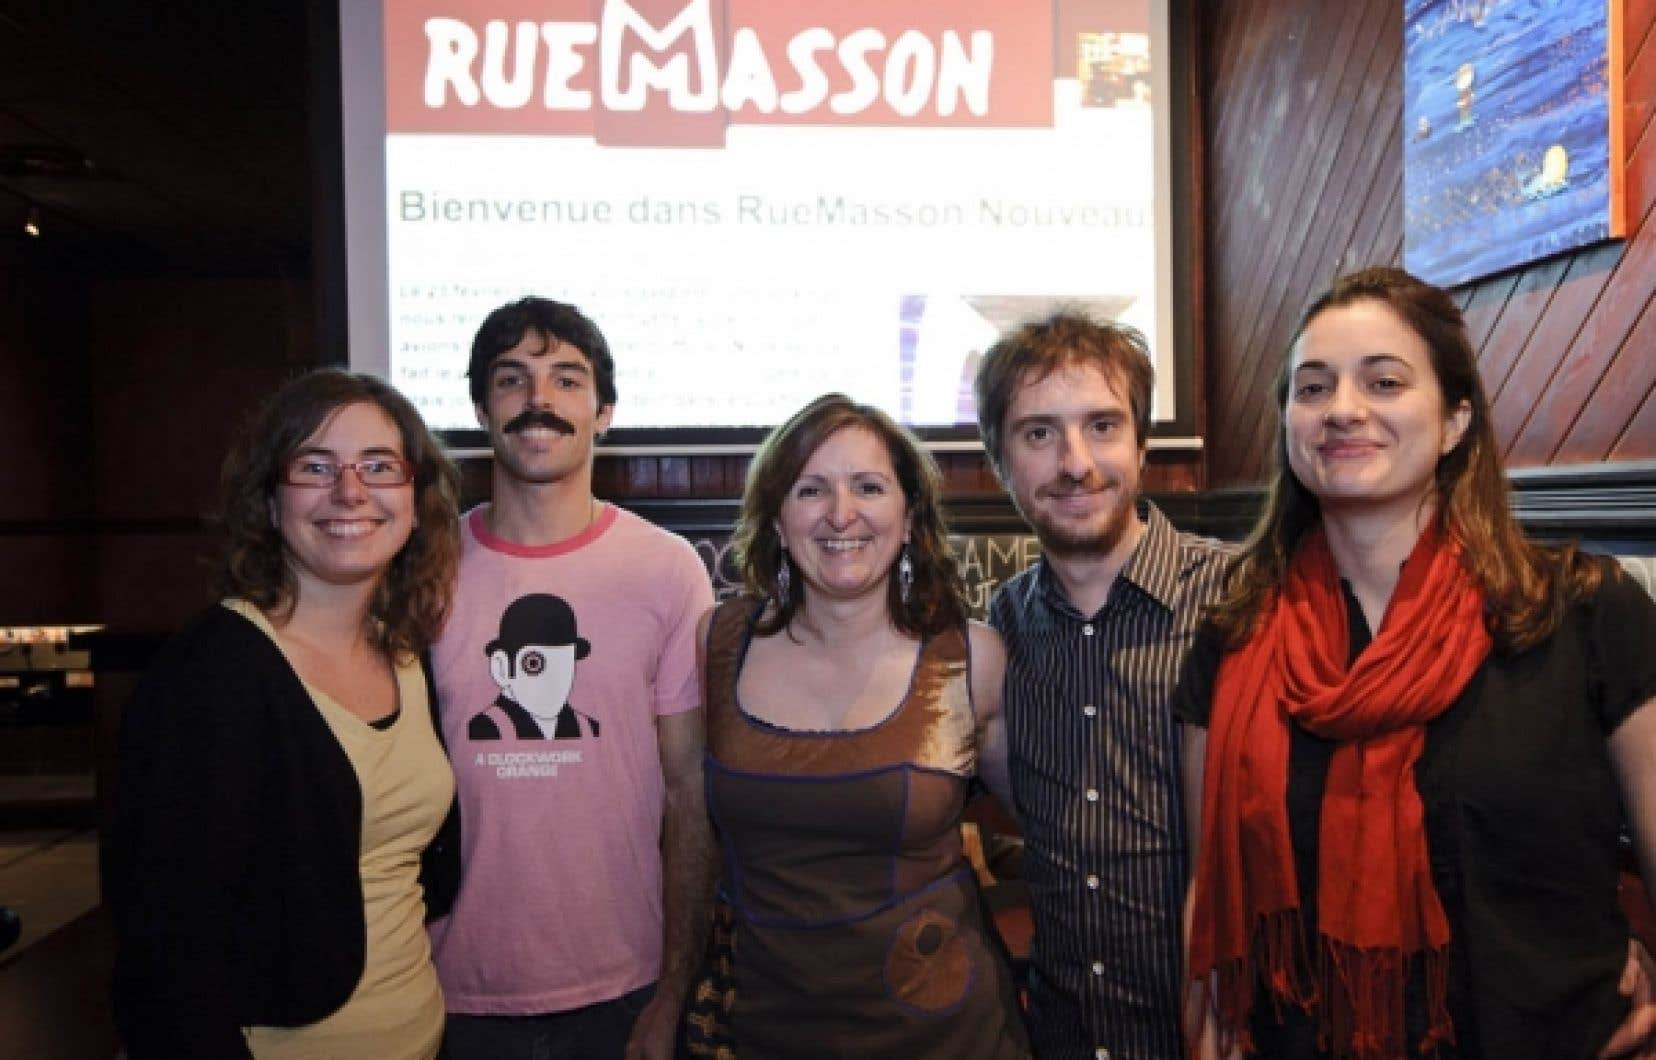 L'équipe de RueMasson.com: Lisa Marie Noël, Éric Noël, Cécile Gladel, David Bruneau et Stéphanie Lalut. <br />